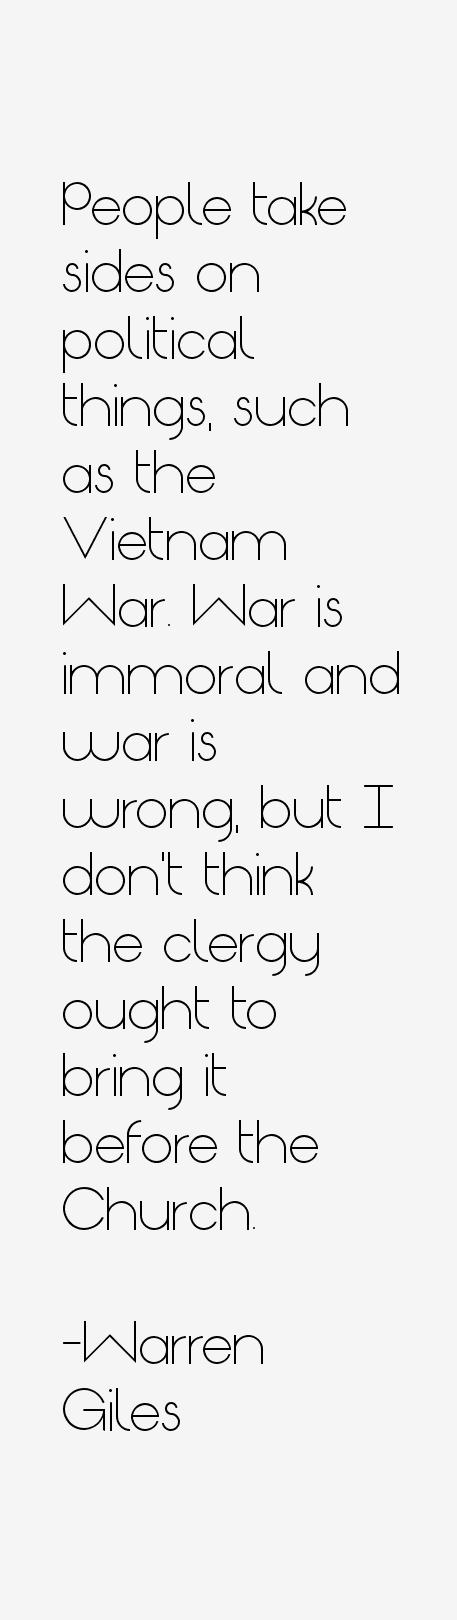 Warren Giles Quotes